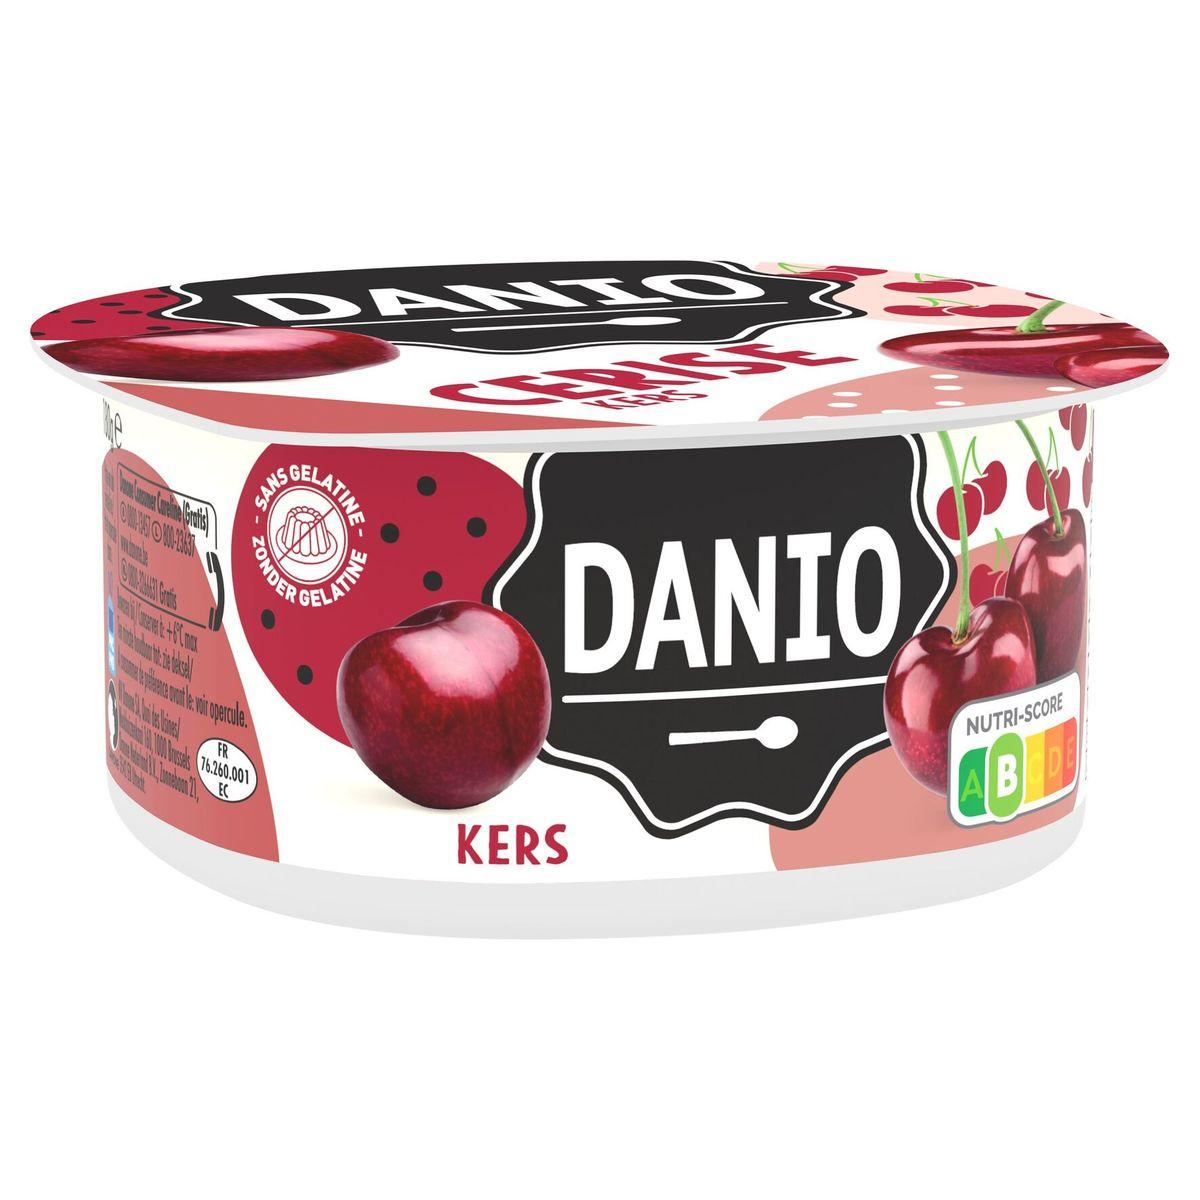 Danio Kers 180 g